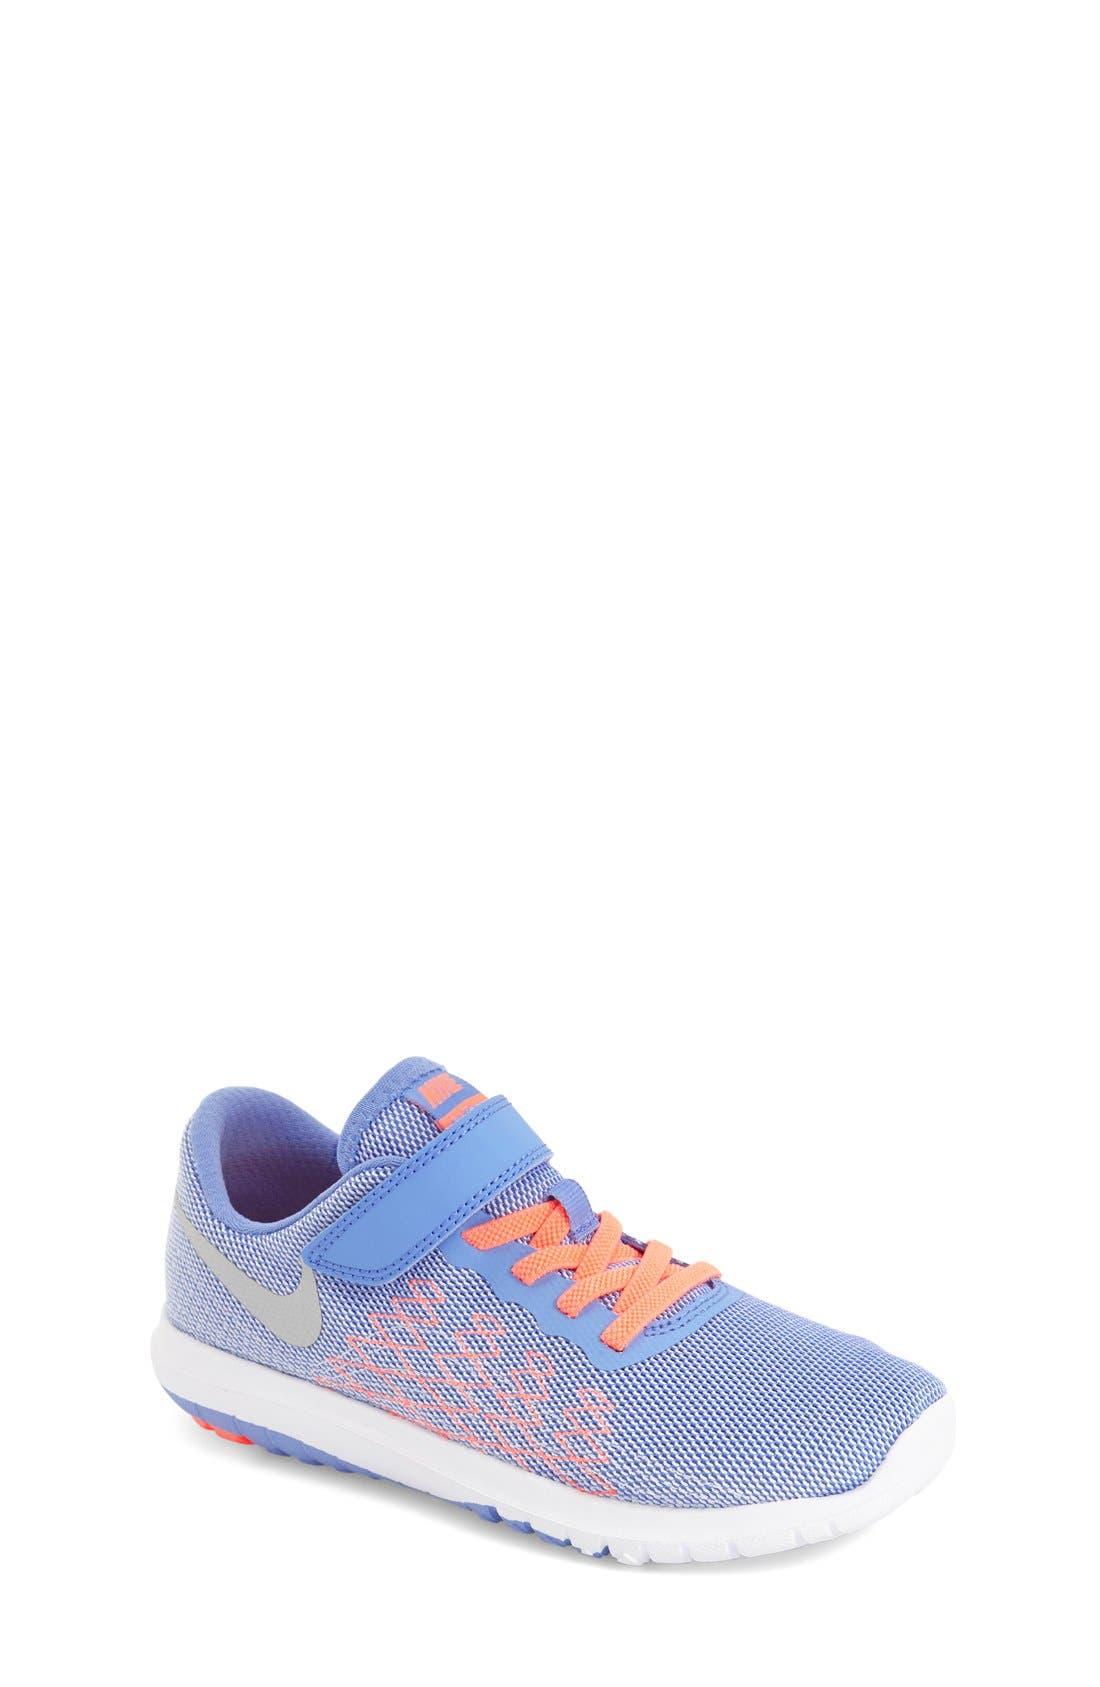 'Flex Fury 2' Athletic Shoe,                             Main thumbnail 1, color,                             Chalk Blue/ White